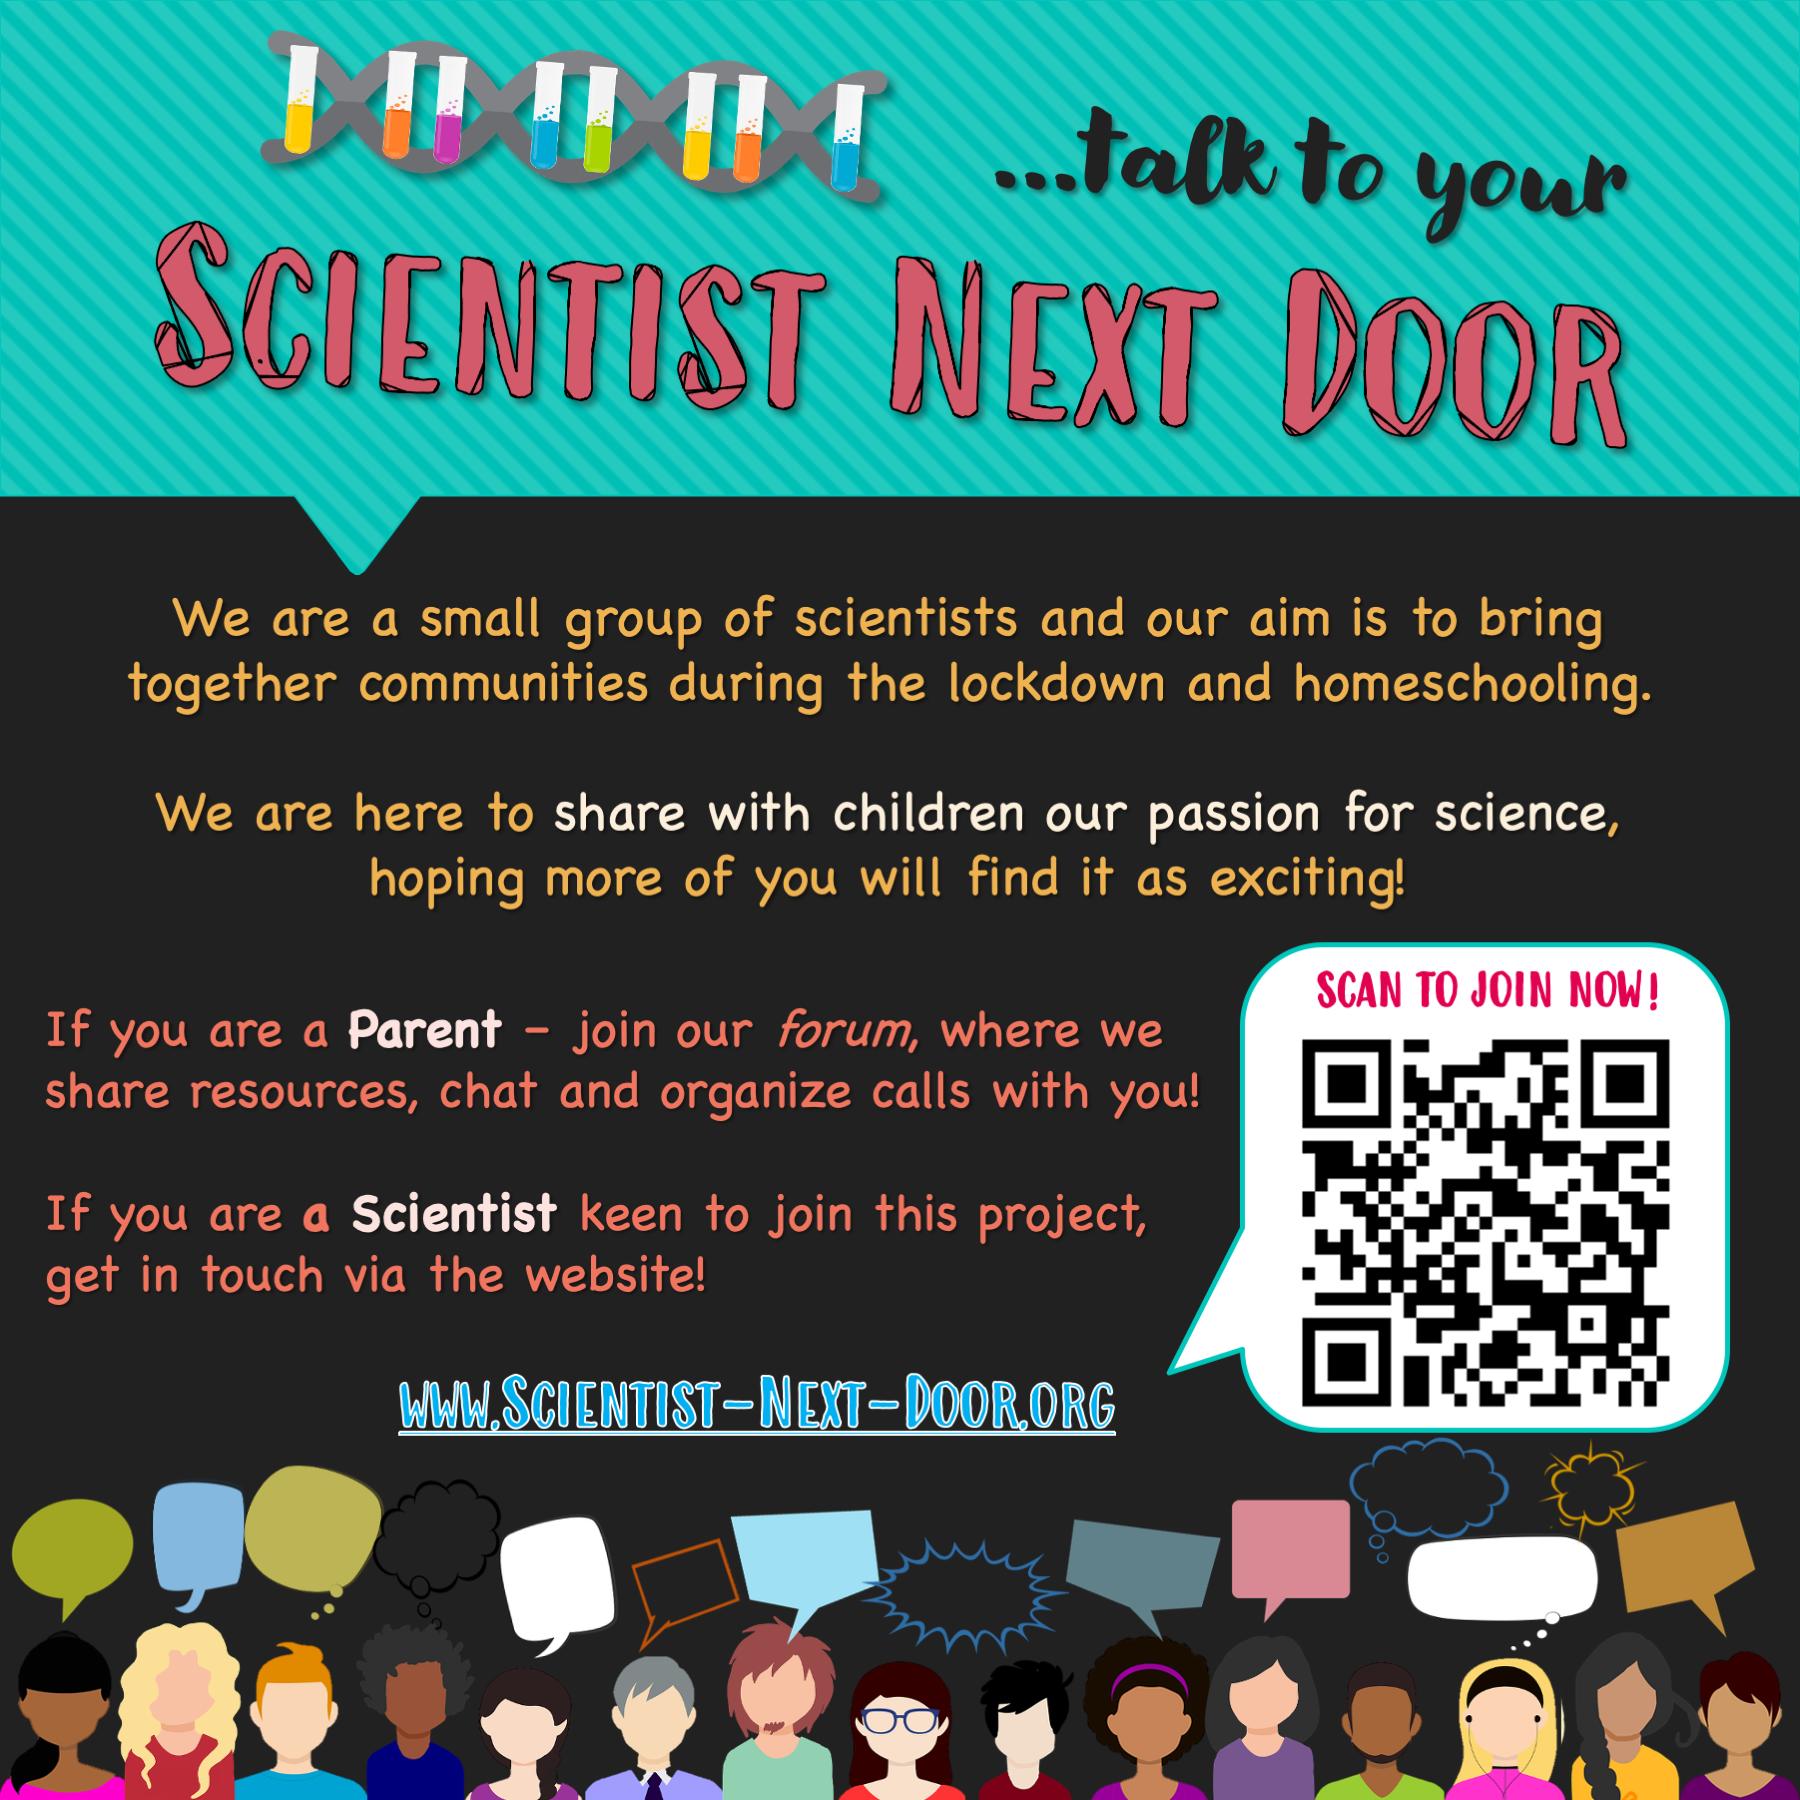 ScientistNextDoor